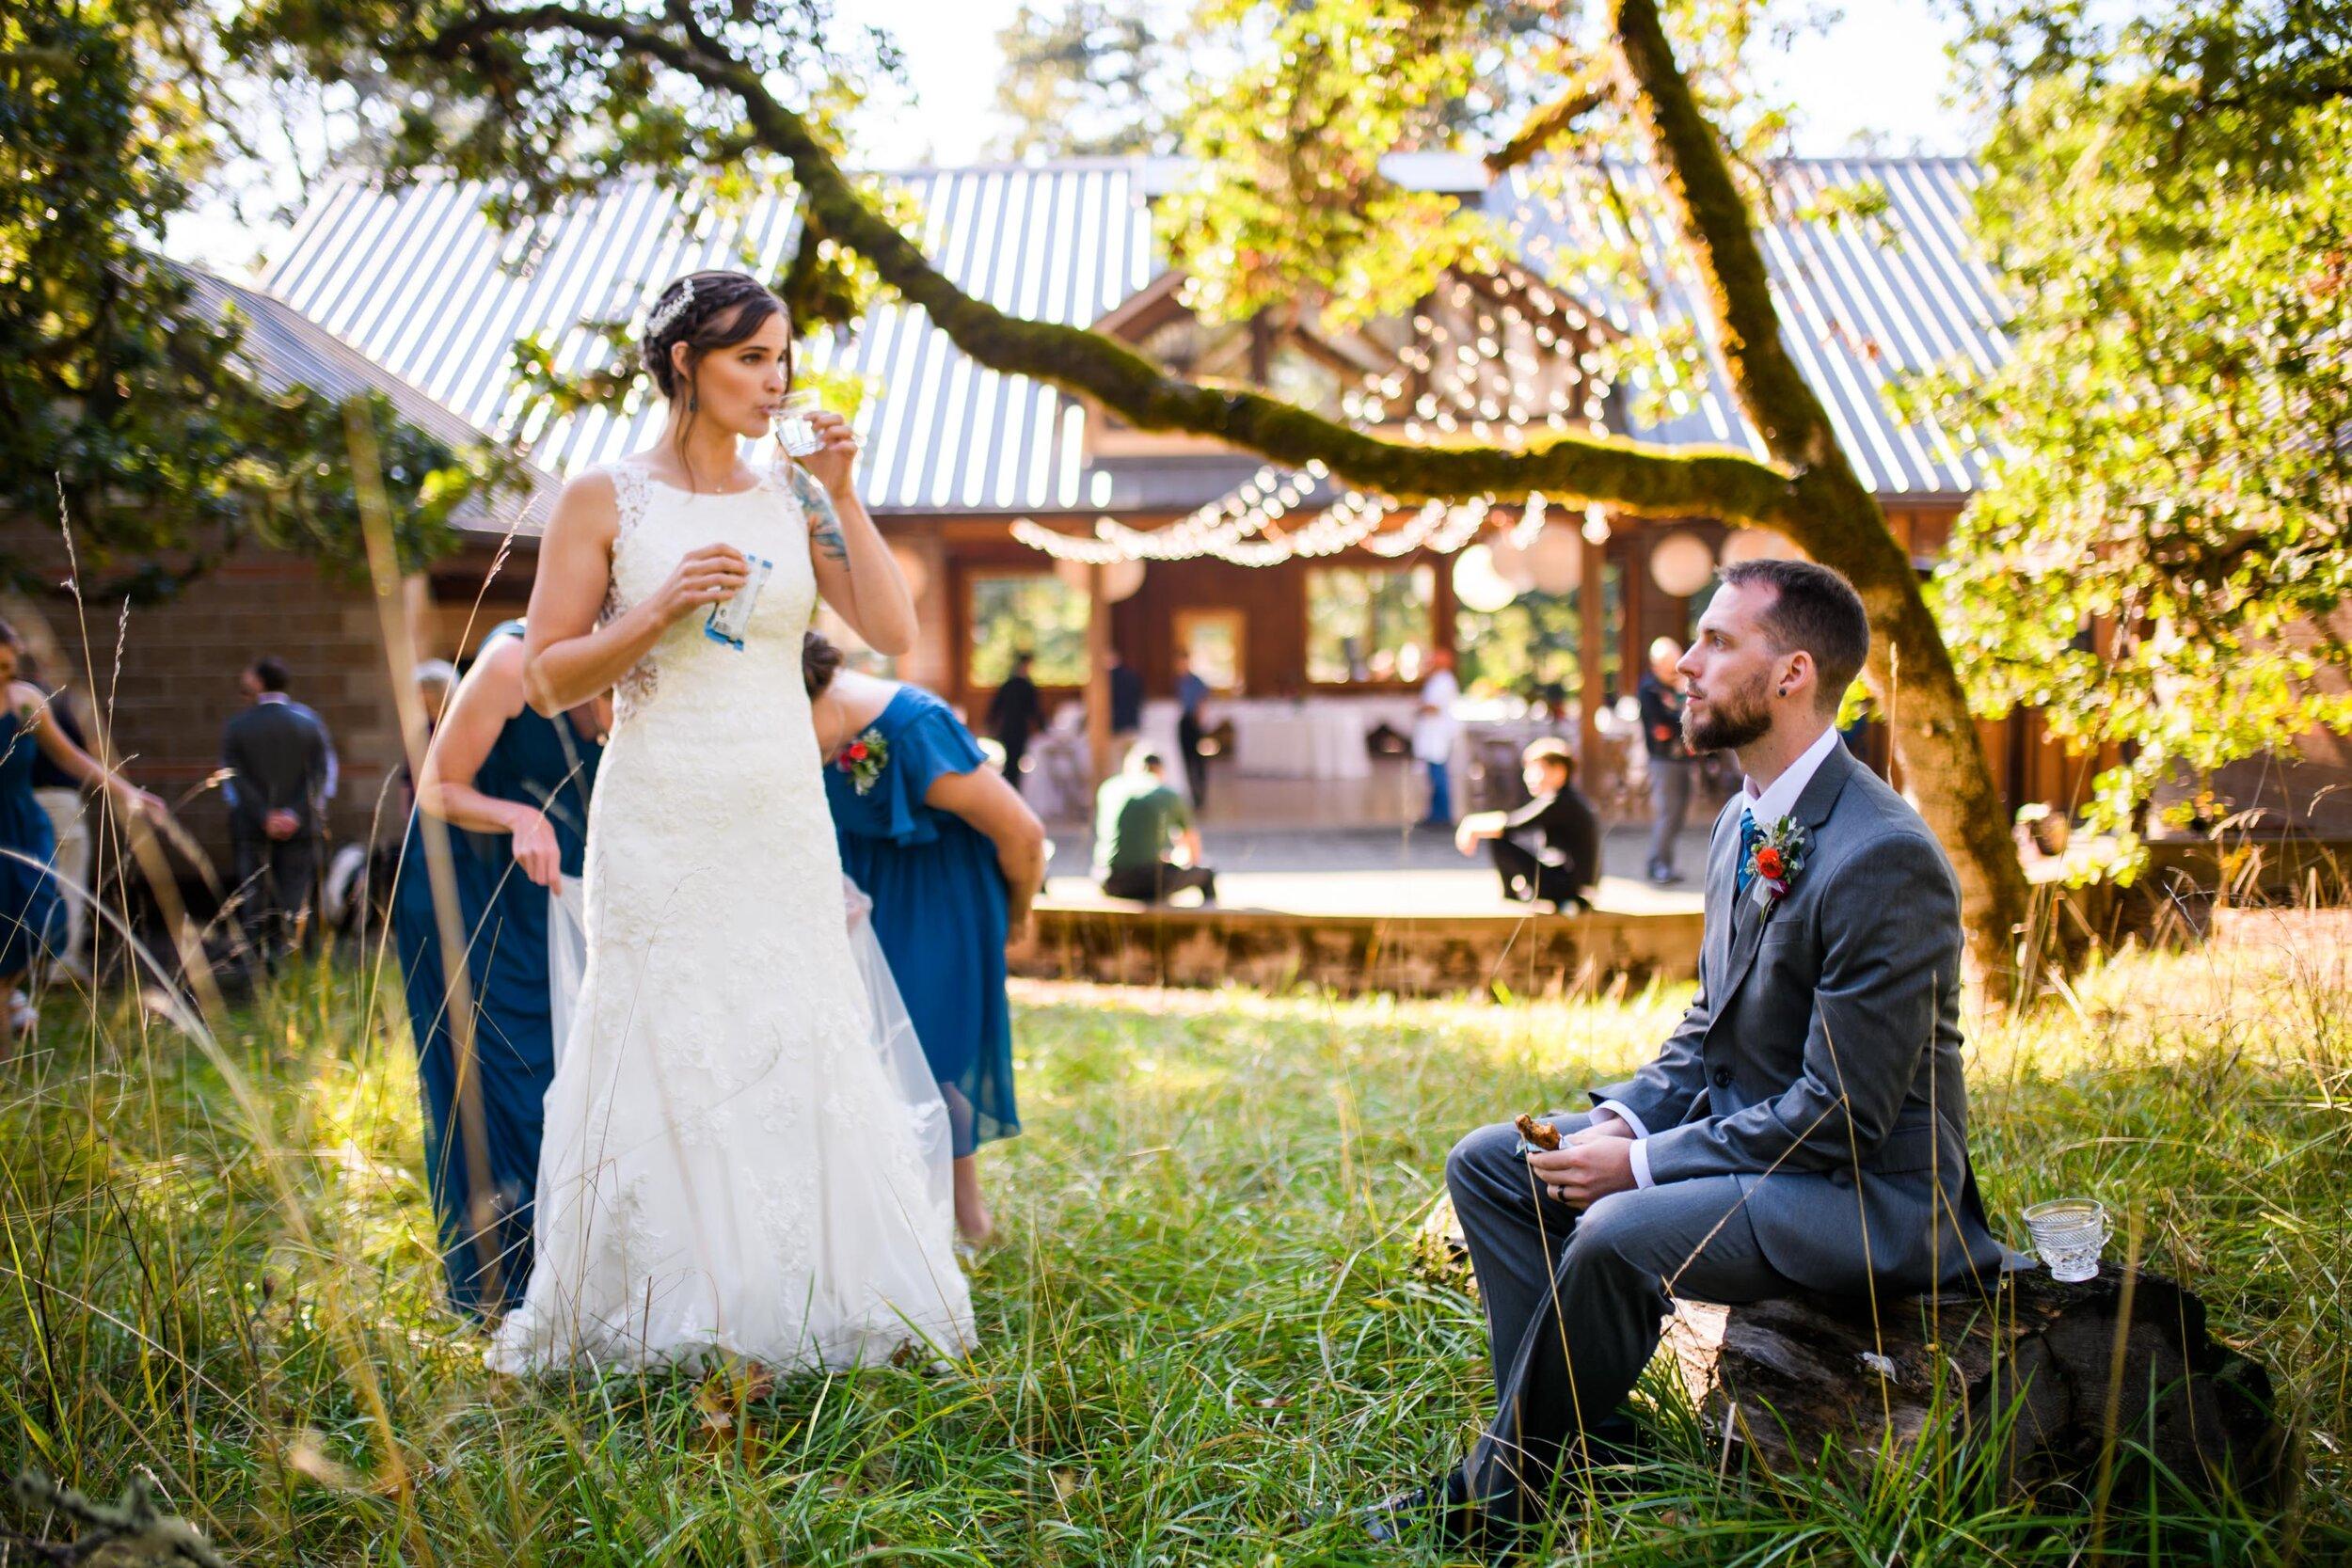 Mt. Pisgah Arboretum wedding photos 87.JPG